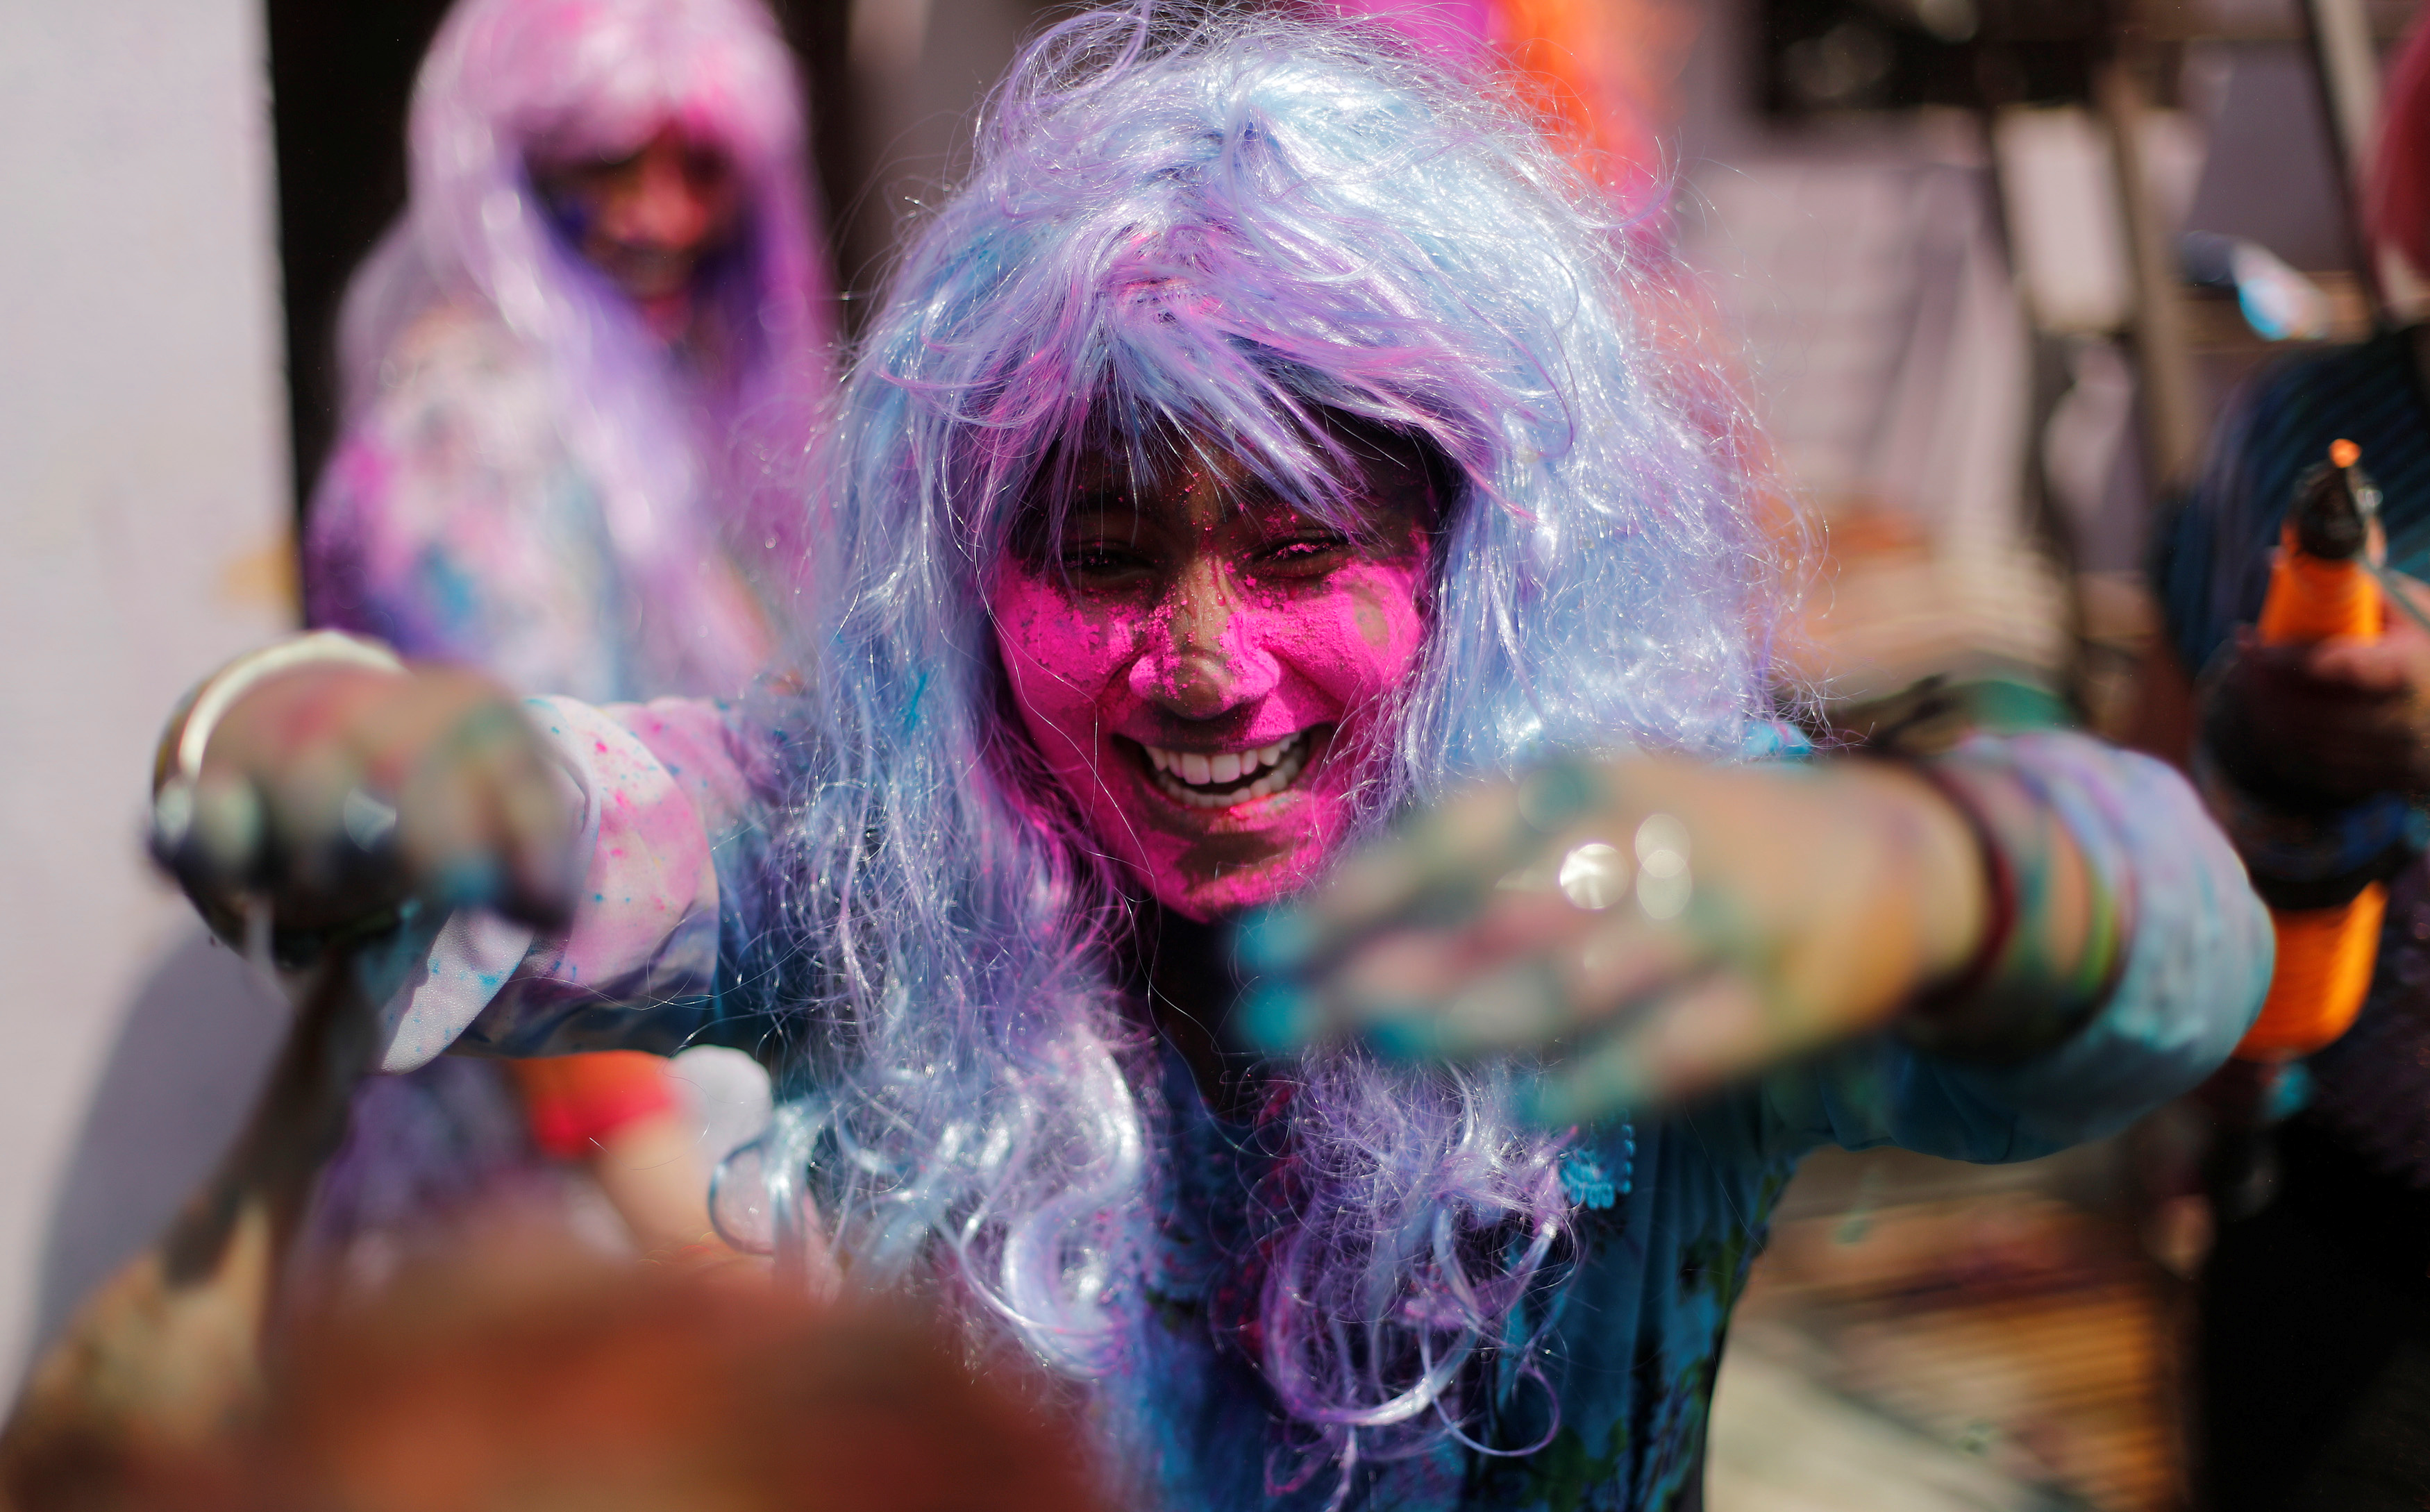 مهرجان الألوان المبهجة فى الهند احتفالا بقدوم فصل الربيع (12)